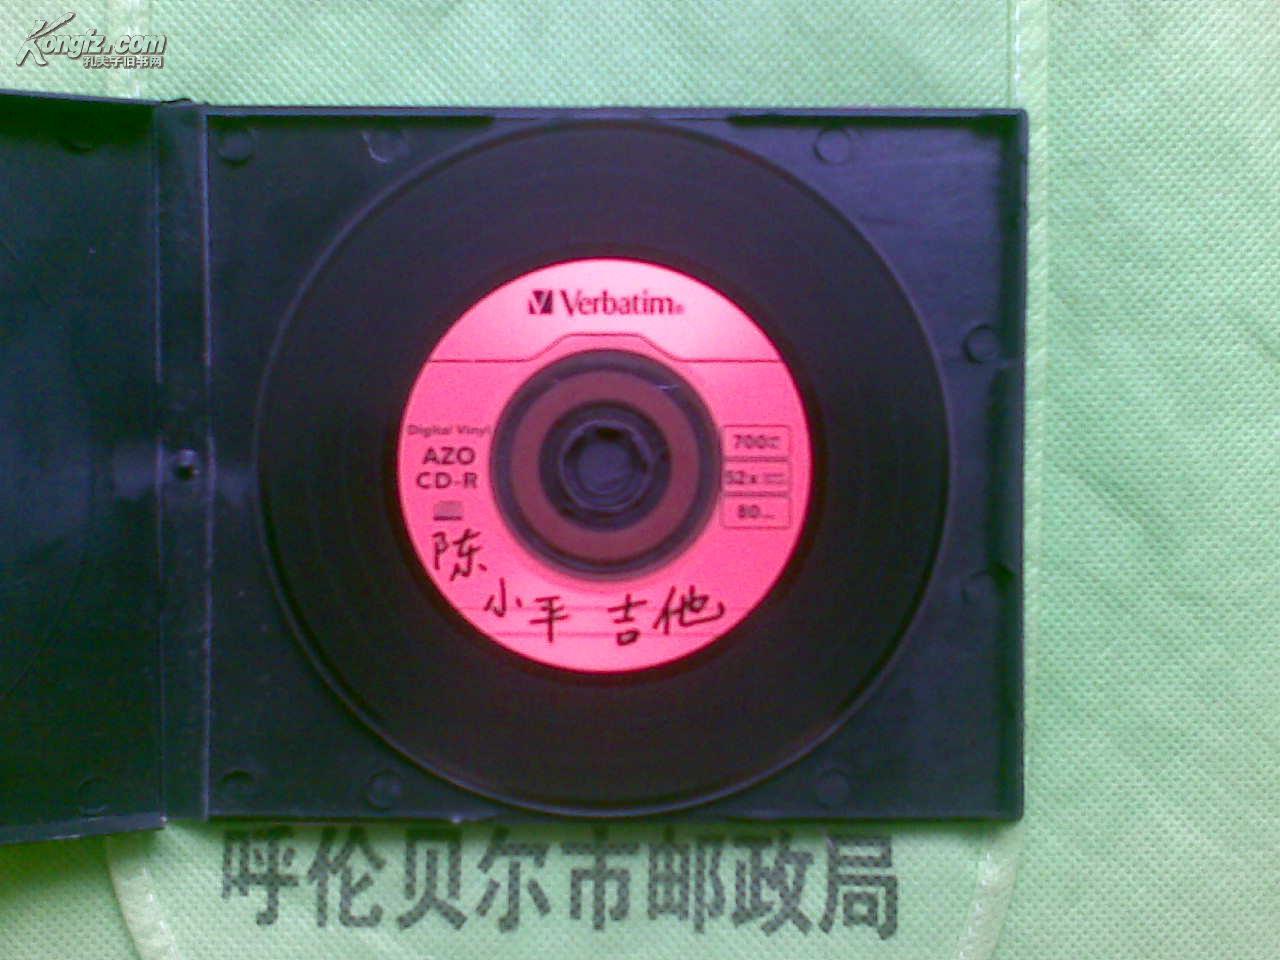 彻夜未眠1至4集·陈小平吉他音乐合集MP3